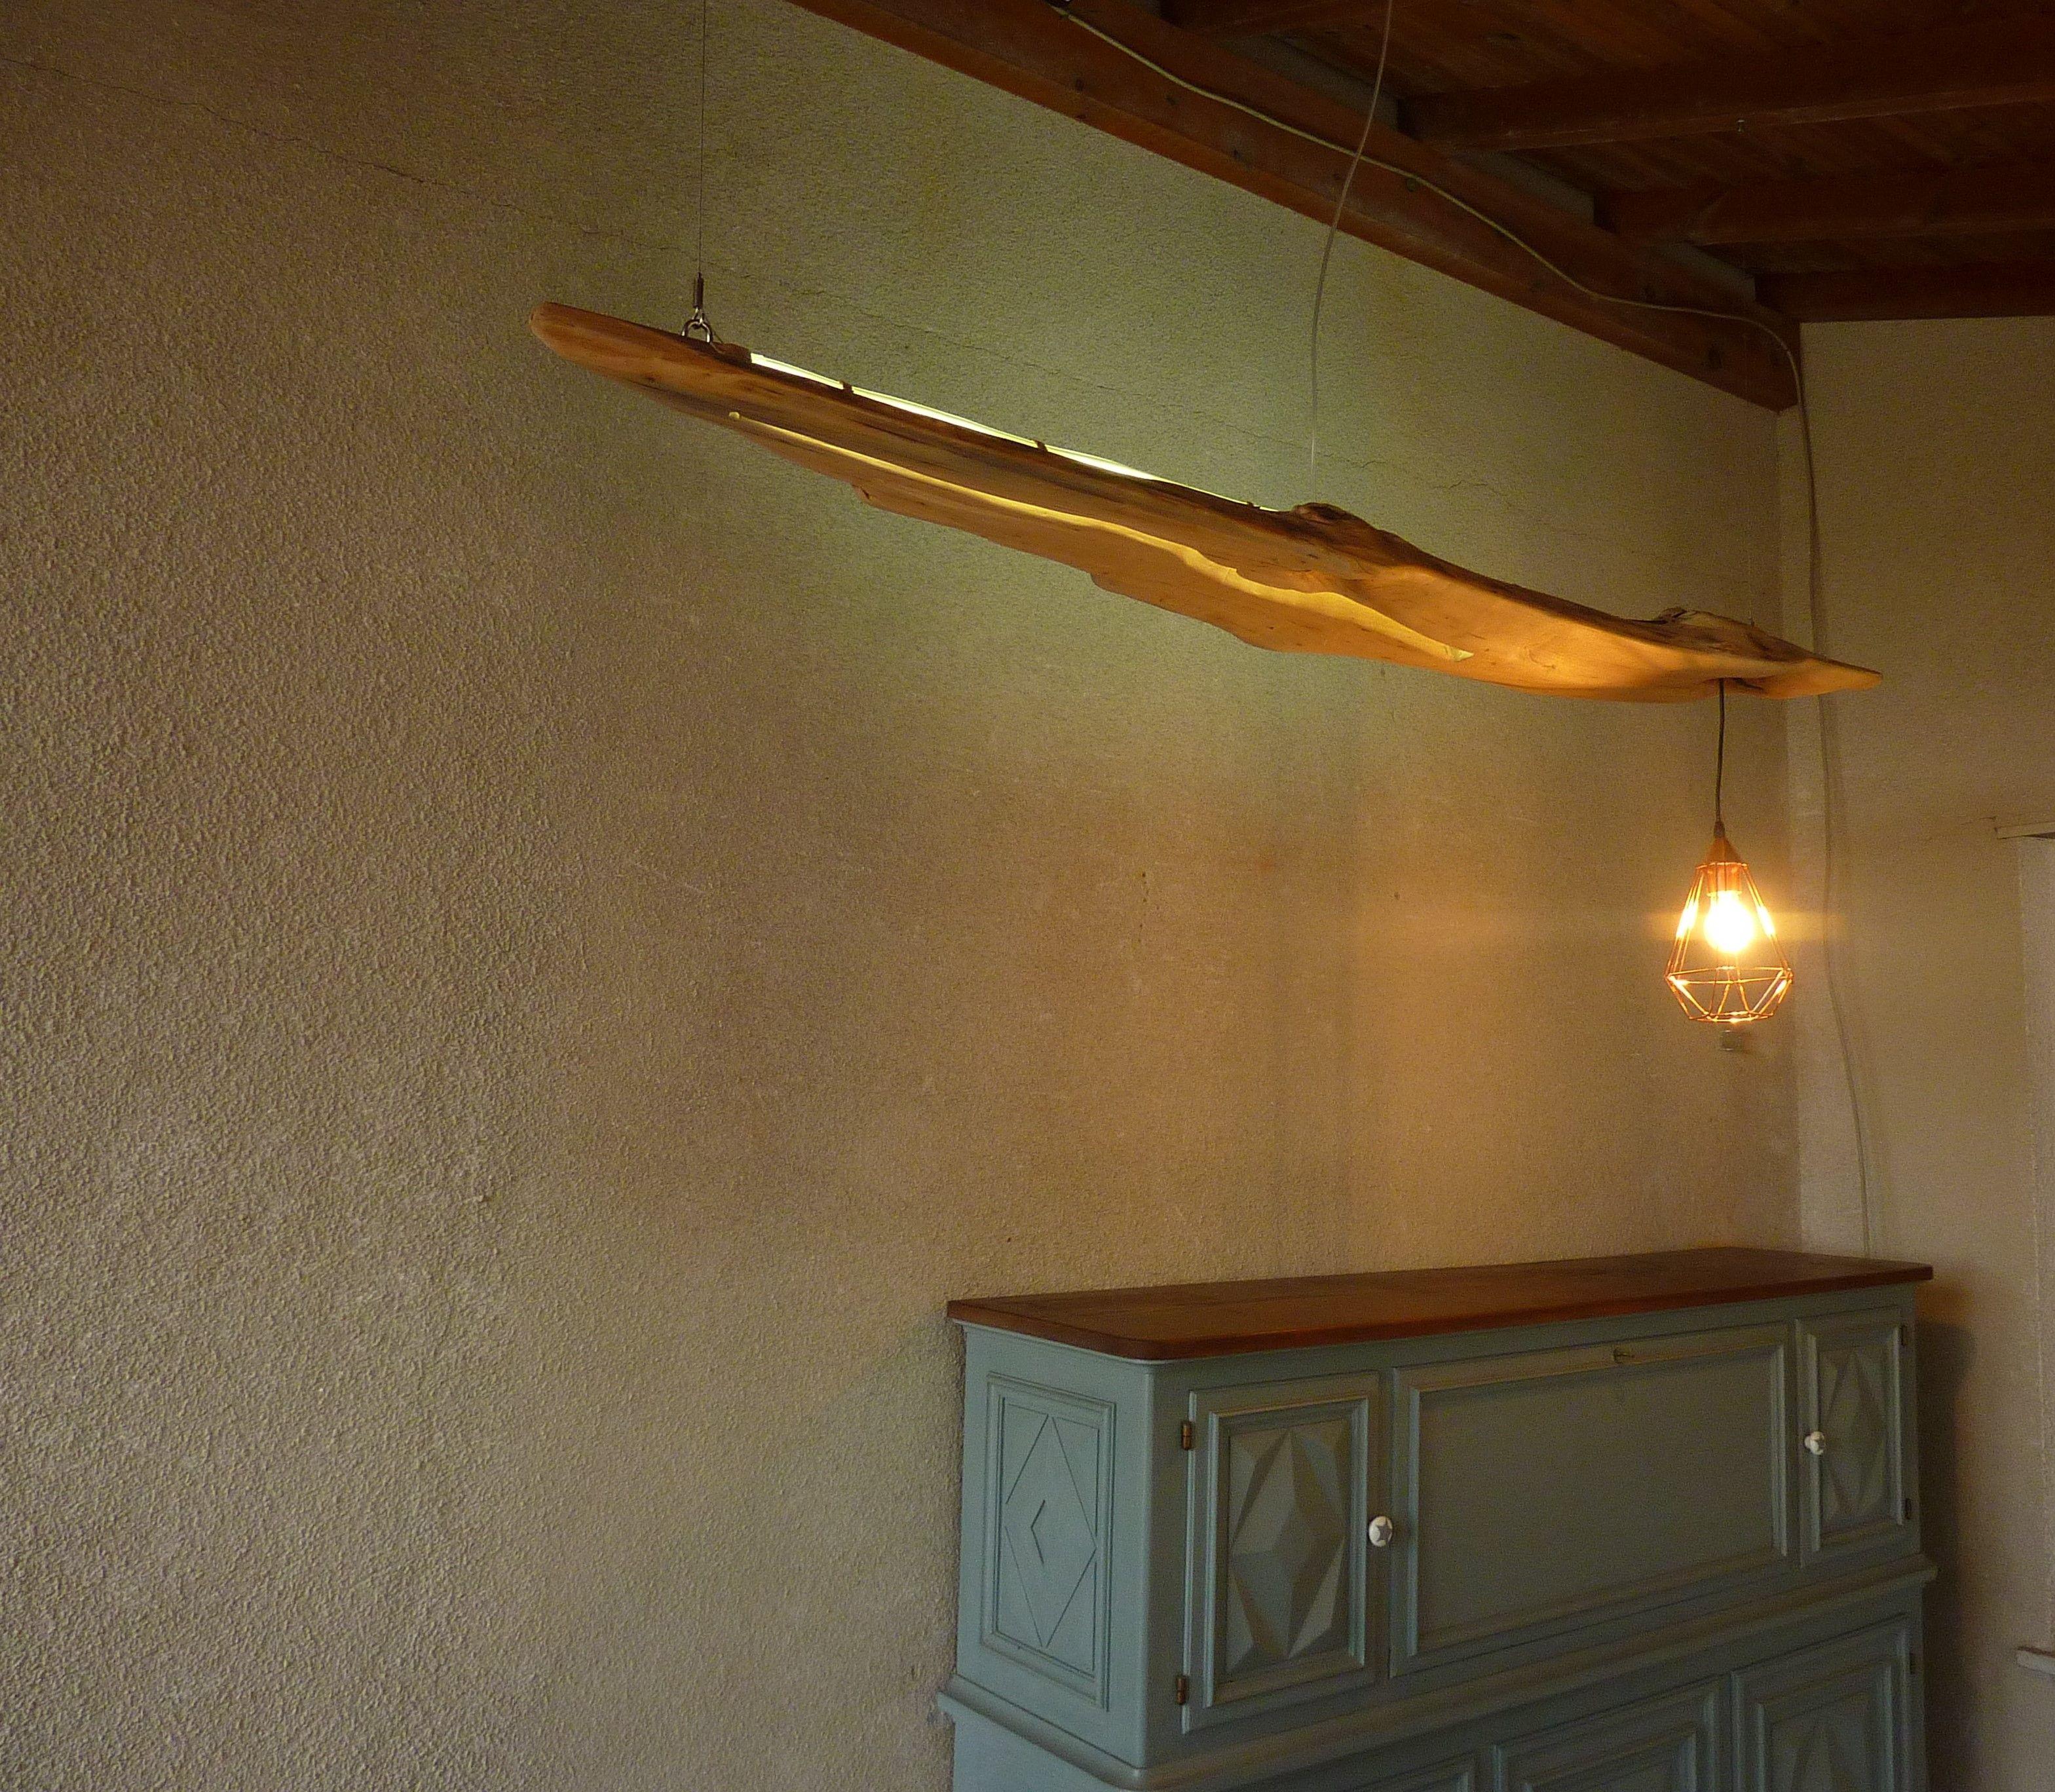 Lampadario Con Strisce Led lo squalo: lampadario in legno (con immagini) | lampadari